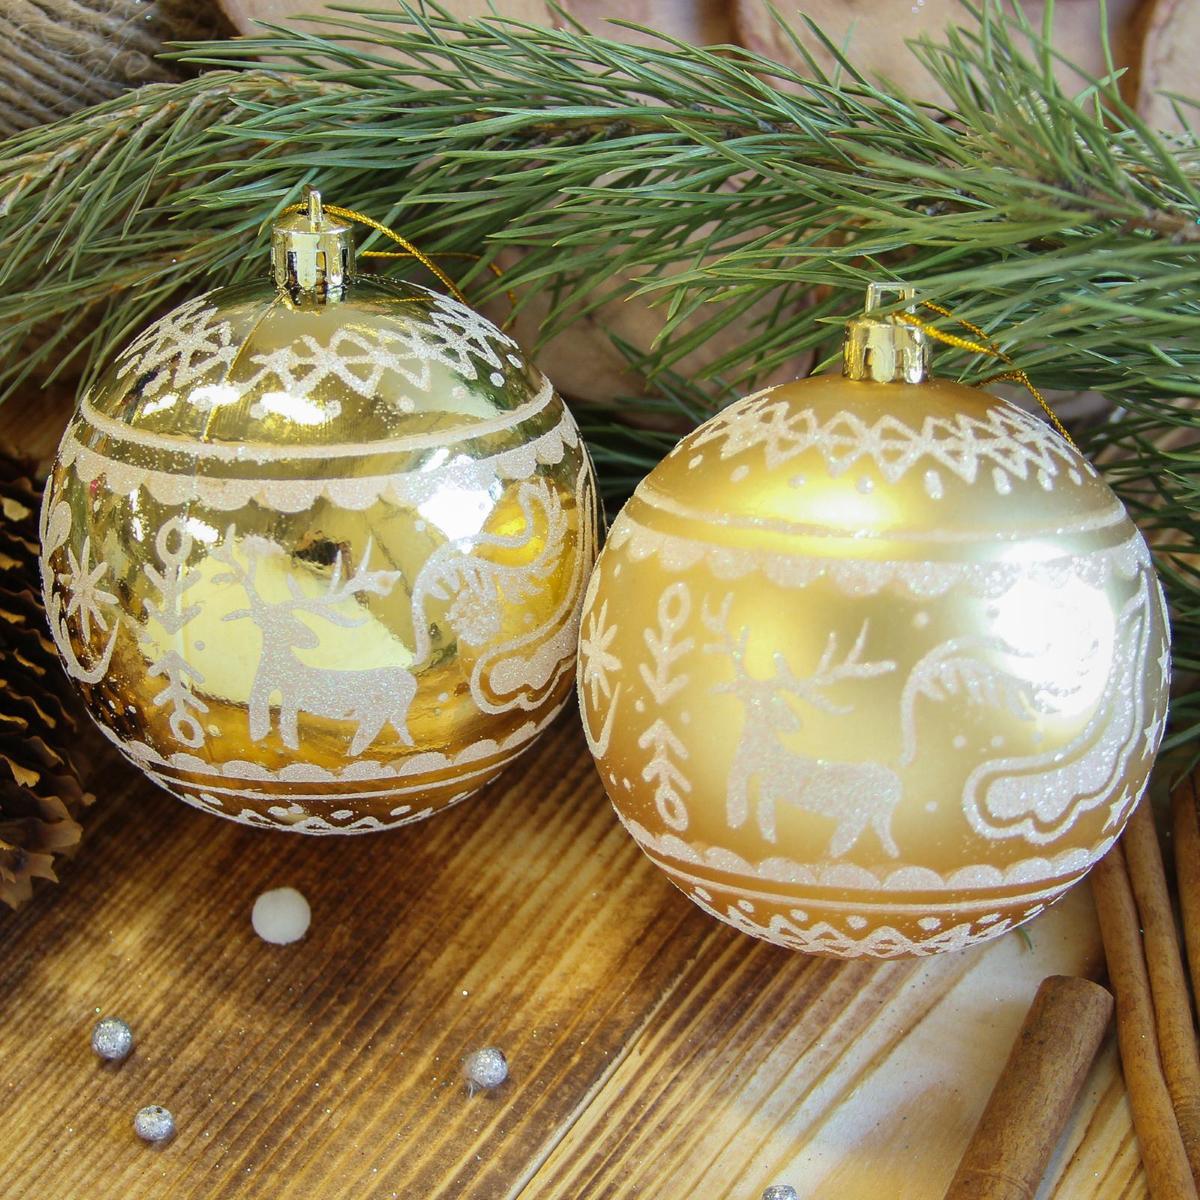 Набор новогодних подвесных украшений Sima-land Зимний олень, цвет: желтый, диаметр 8 см, 6 шт2122978Невозможно представить нашу жизнь без праздников! Мы всегда ждём их и предвкушаем, обдумываем, как проведём памятный день, тщательно выбираем подарки и аксессуары, ведь именно они создают и поддерживают торжественный настрой.